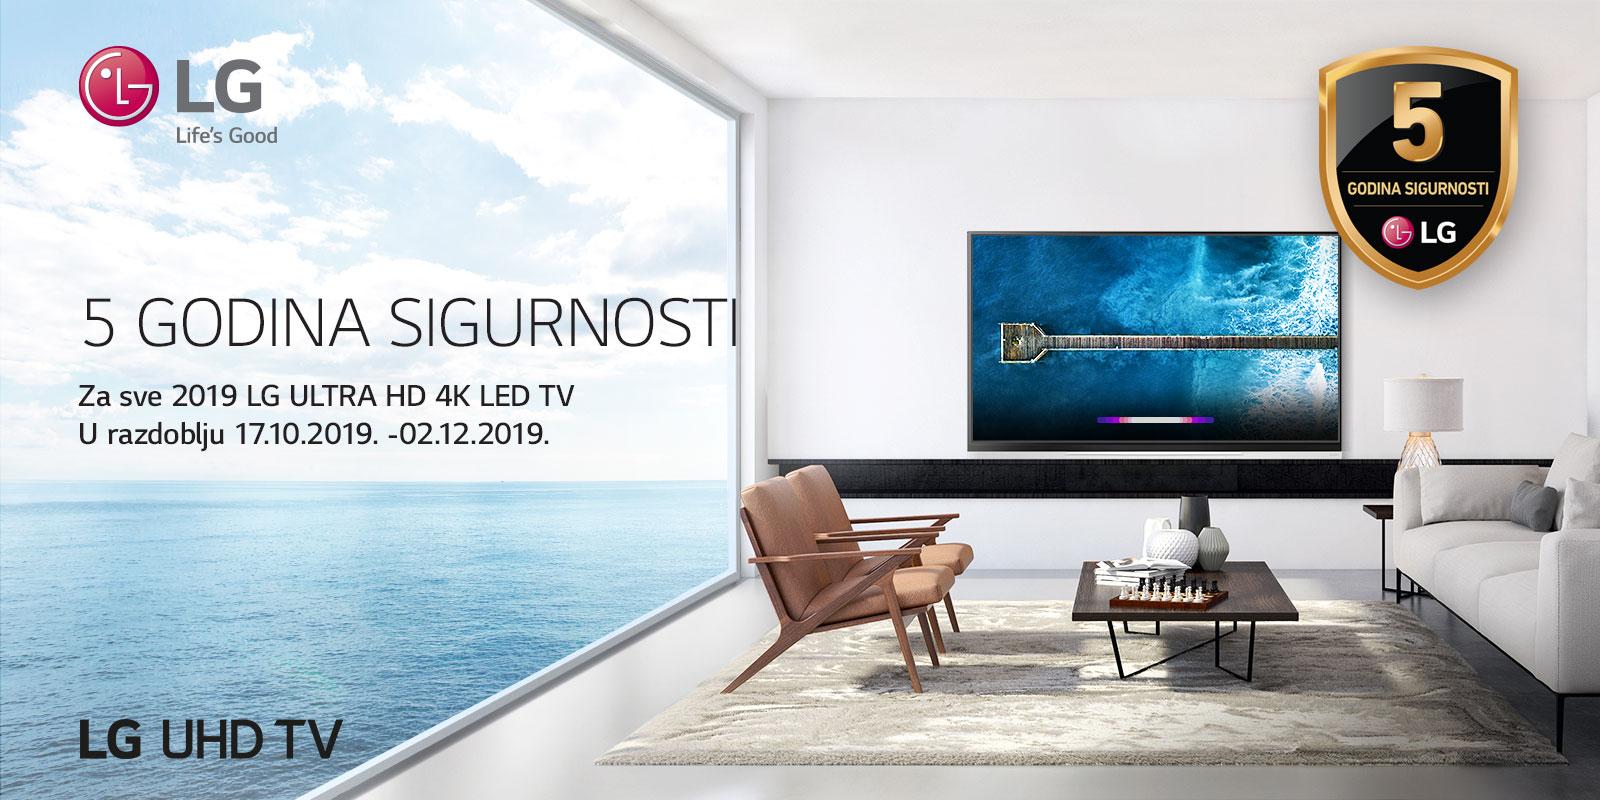 tv-oled-e9-banner-desktop_bos_1